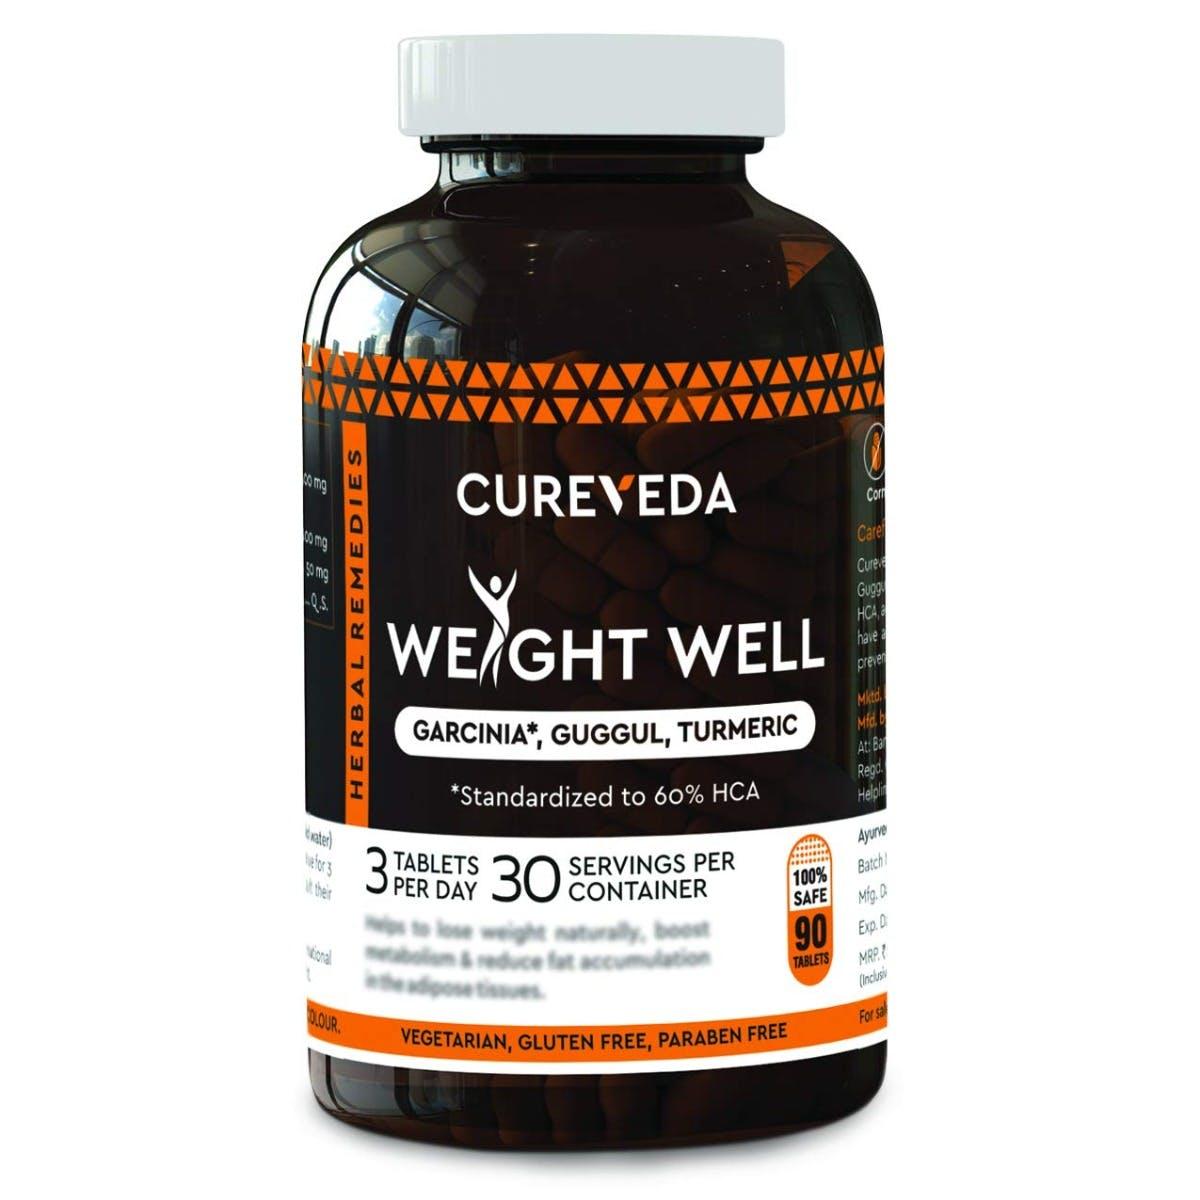 https://curevedaprod.imgix.net/w/e/weight_well.jpg